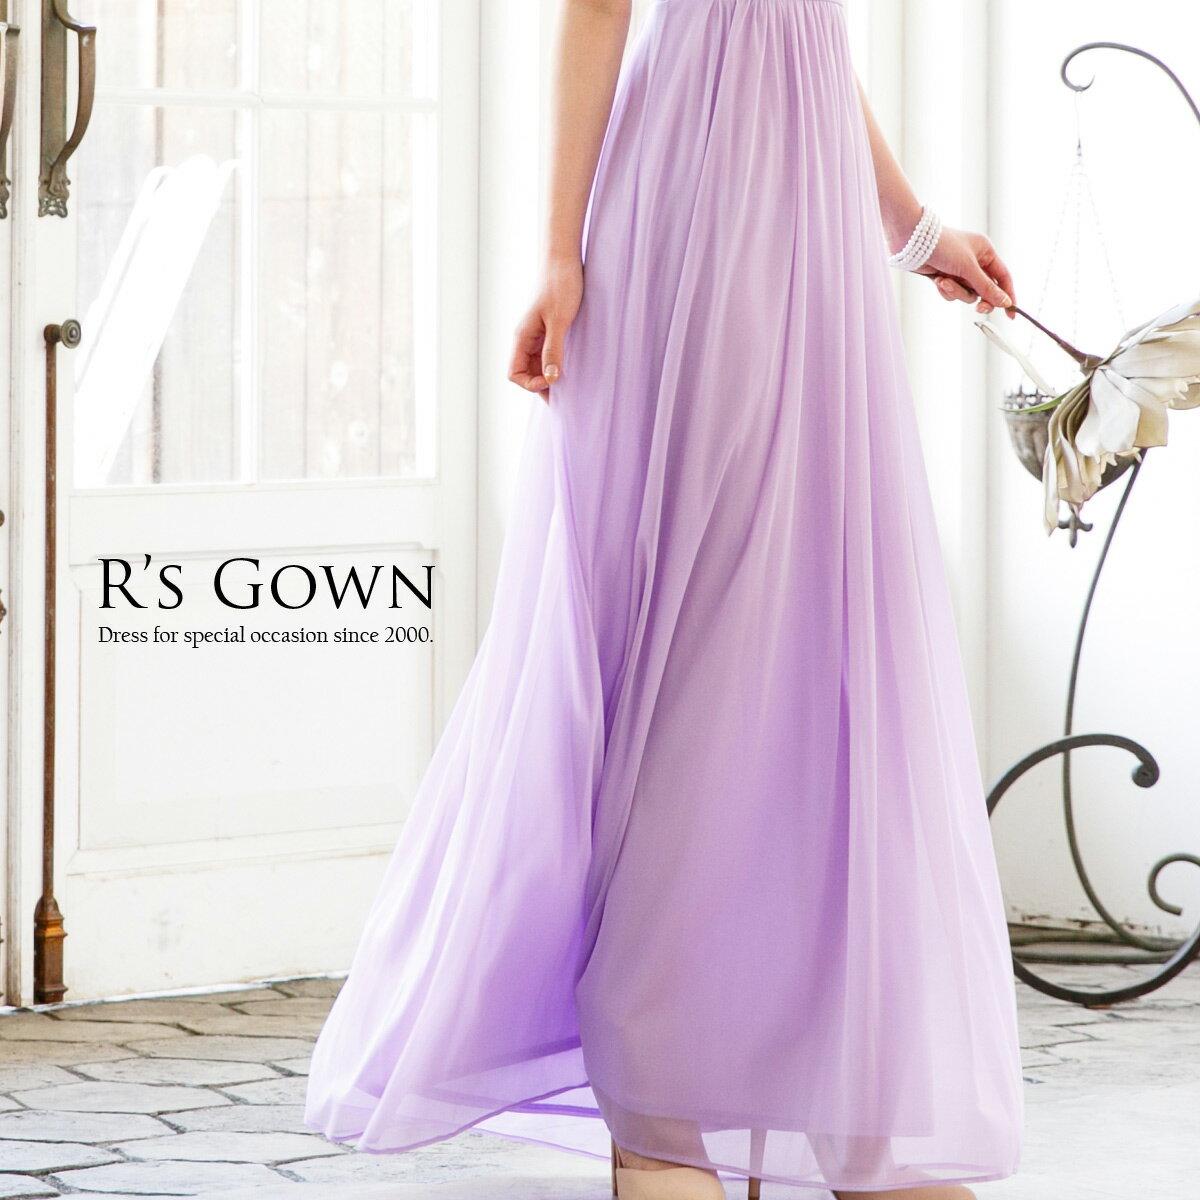 ぬくもりある輝き 気品と透明感を印象付けるホワイトパール パールビジュー ロング ドレス 演奏会 発表会 ステージドレス 大きいサイズ 二次会 花嫁 FD-070145